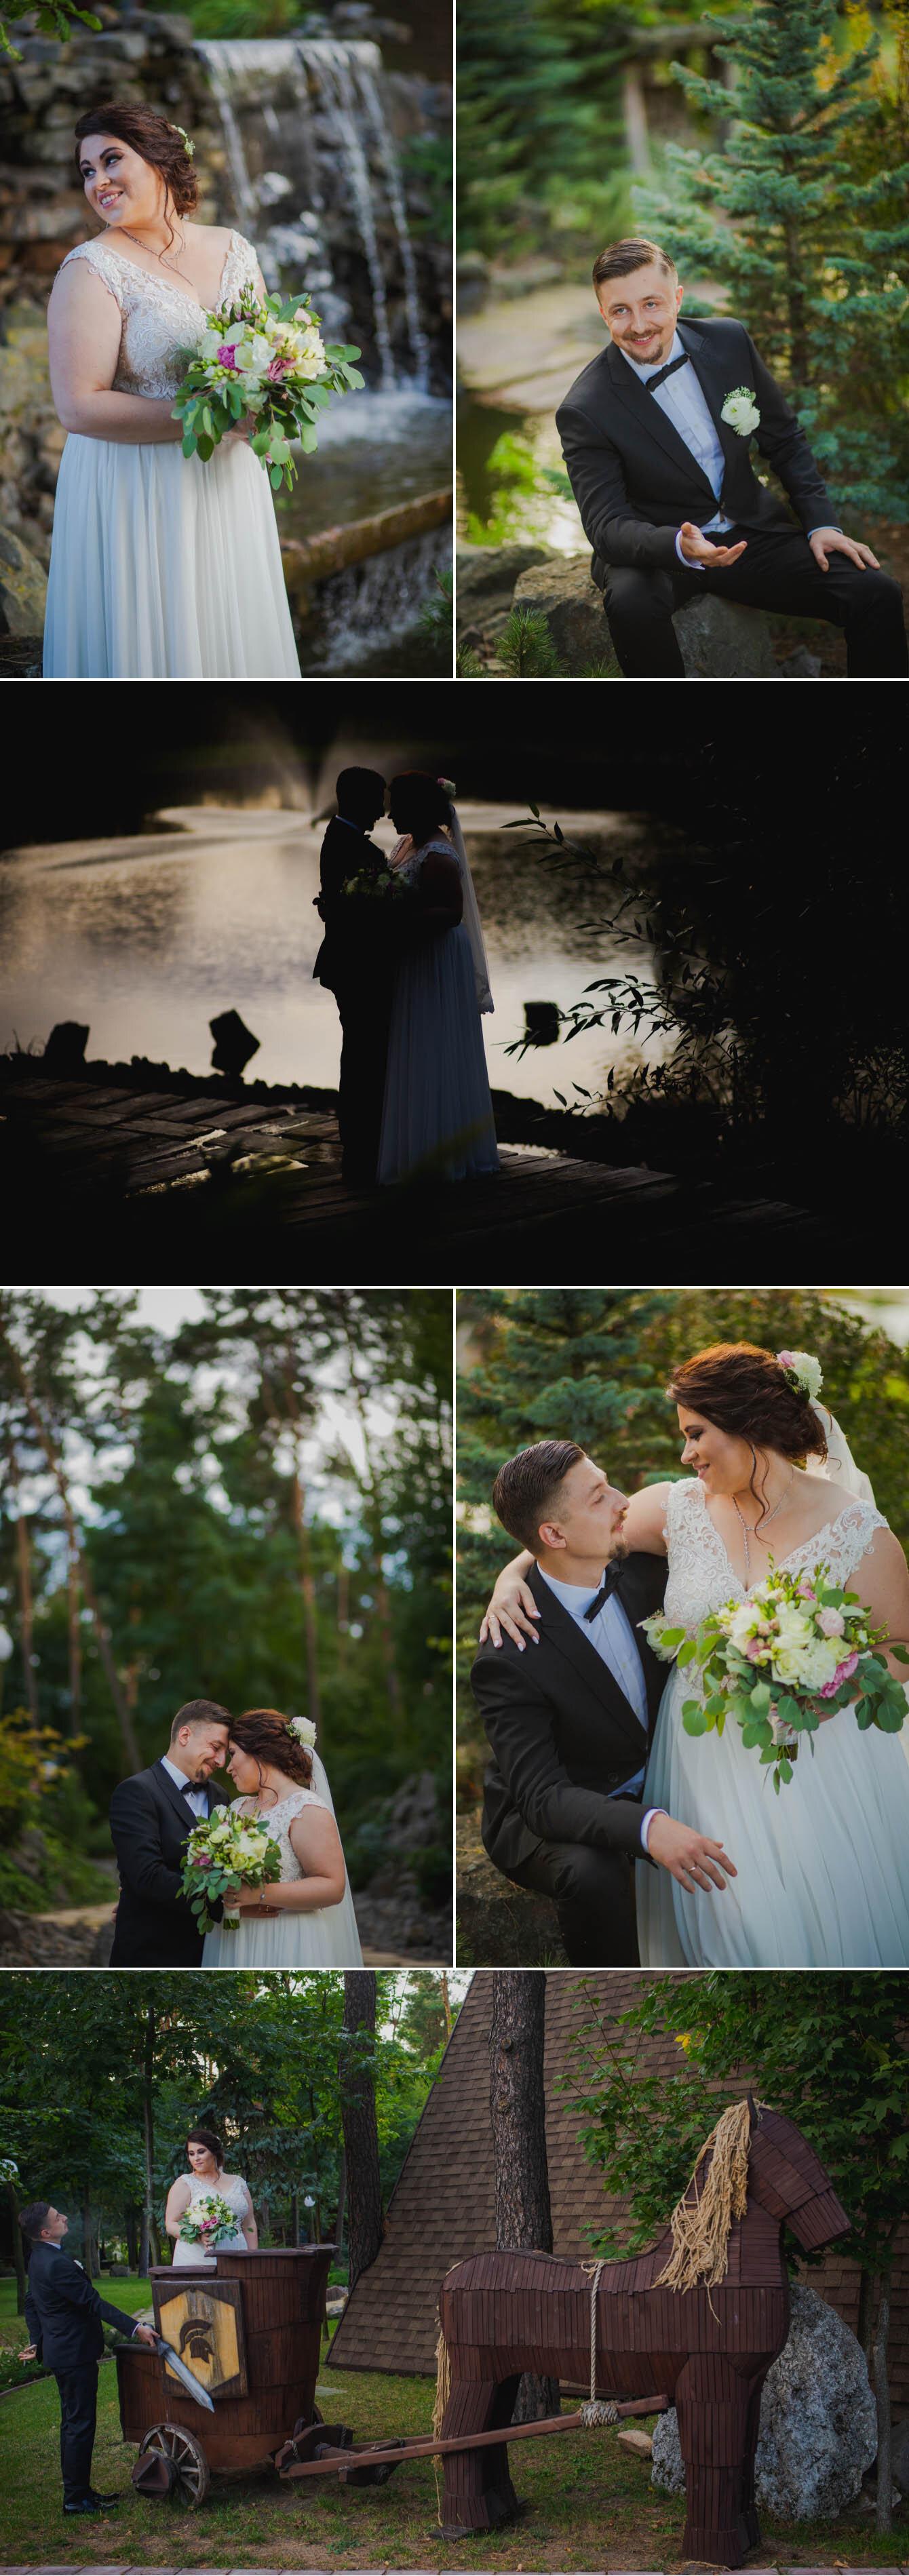 Fotografie ślubne Marka i Angeliki w domu weselnym pod Grzybkiem fotograf Bartek Wyrobek  28.jpg